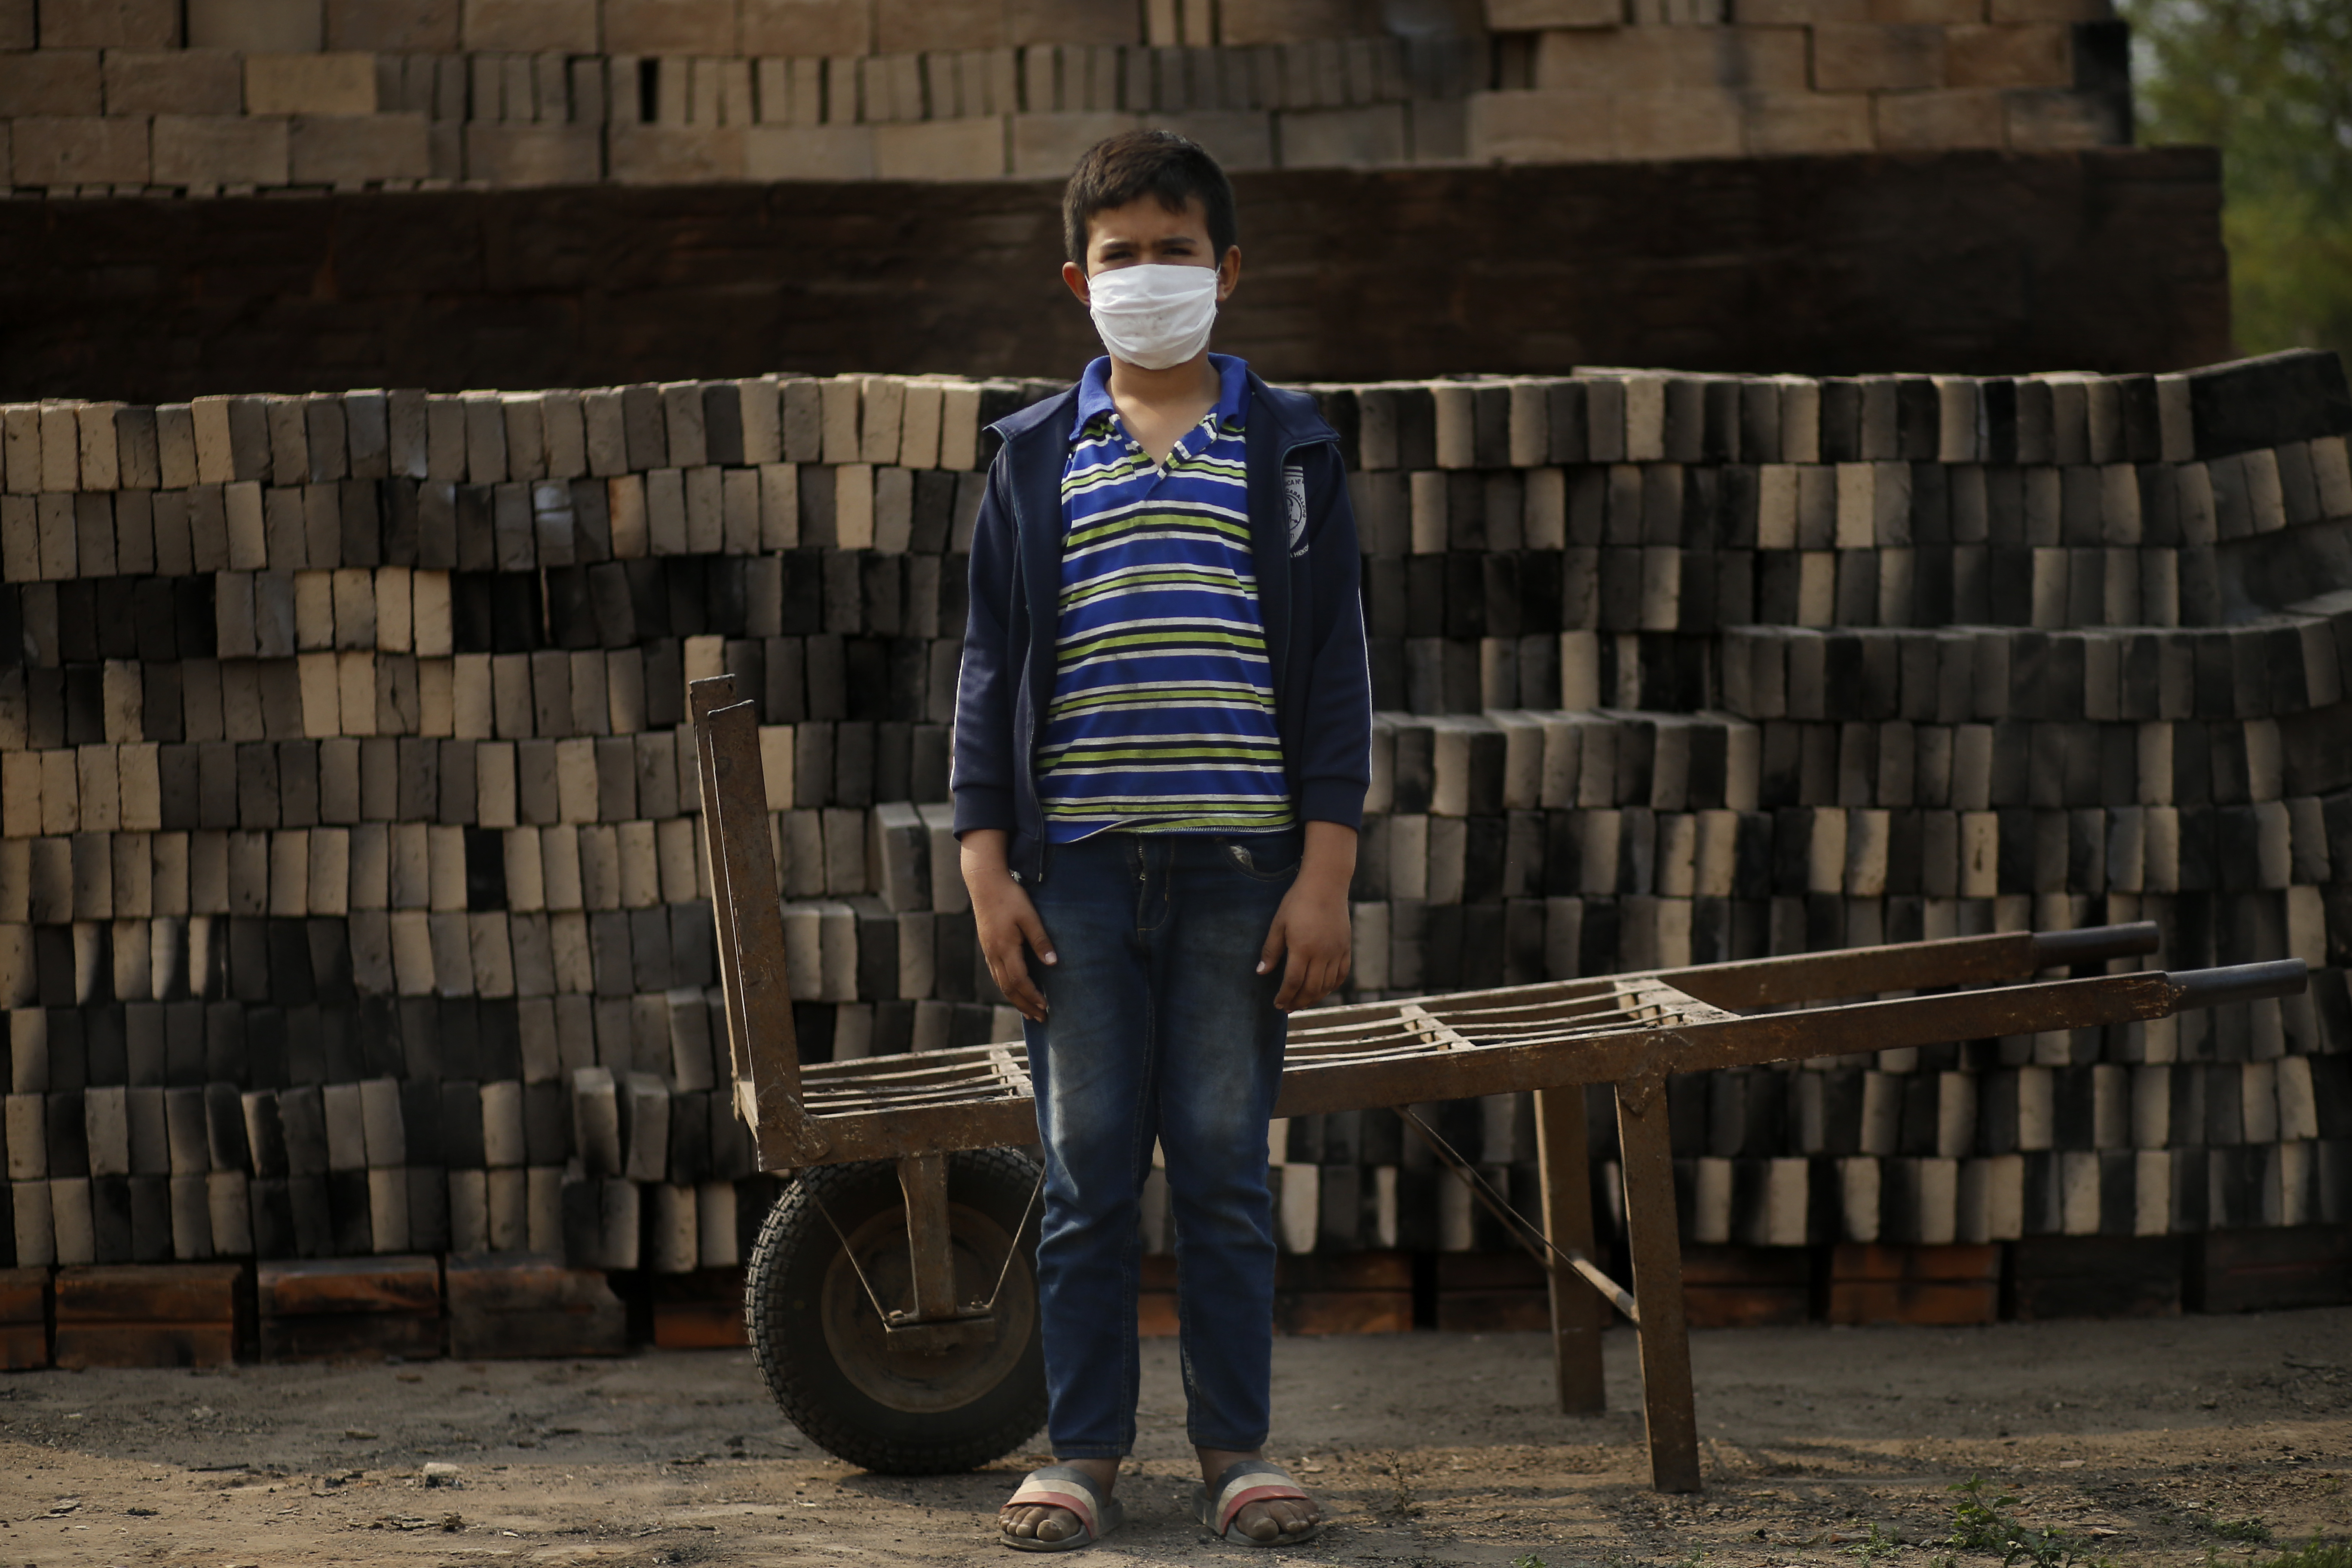 Ronnie, de 10 años, con una máscara para frenar la propagación del nuevo coronavirus, posa para un retrato mientras trabaja junto a su padre en una pequeña fábrica de ladrillos en Tobati, Paraguay, el lunes 31 de agosto de 2020.